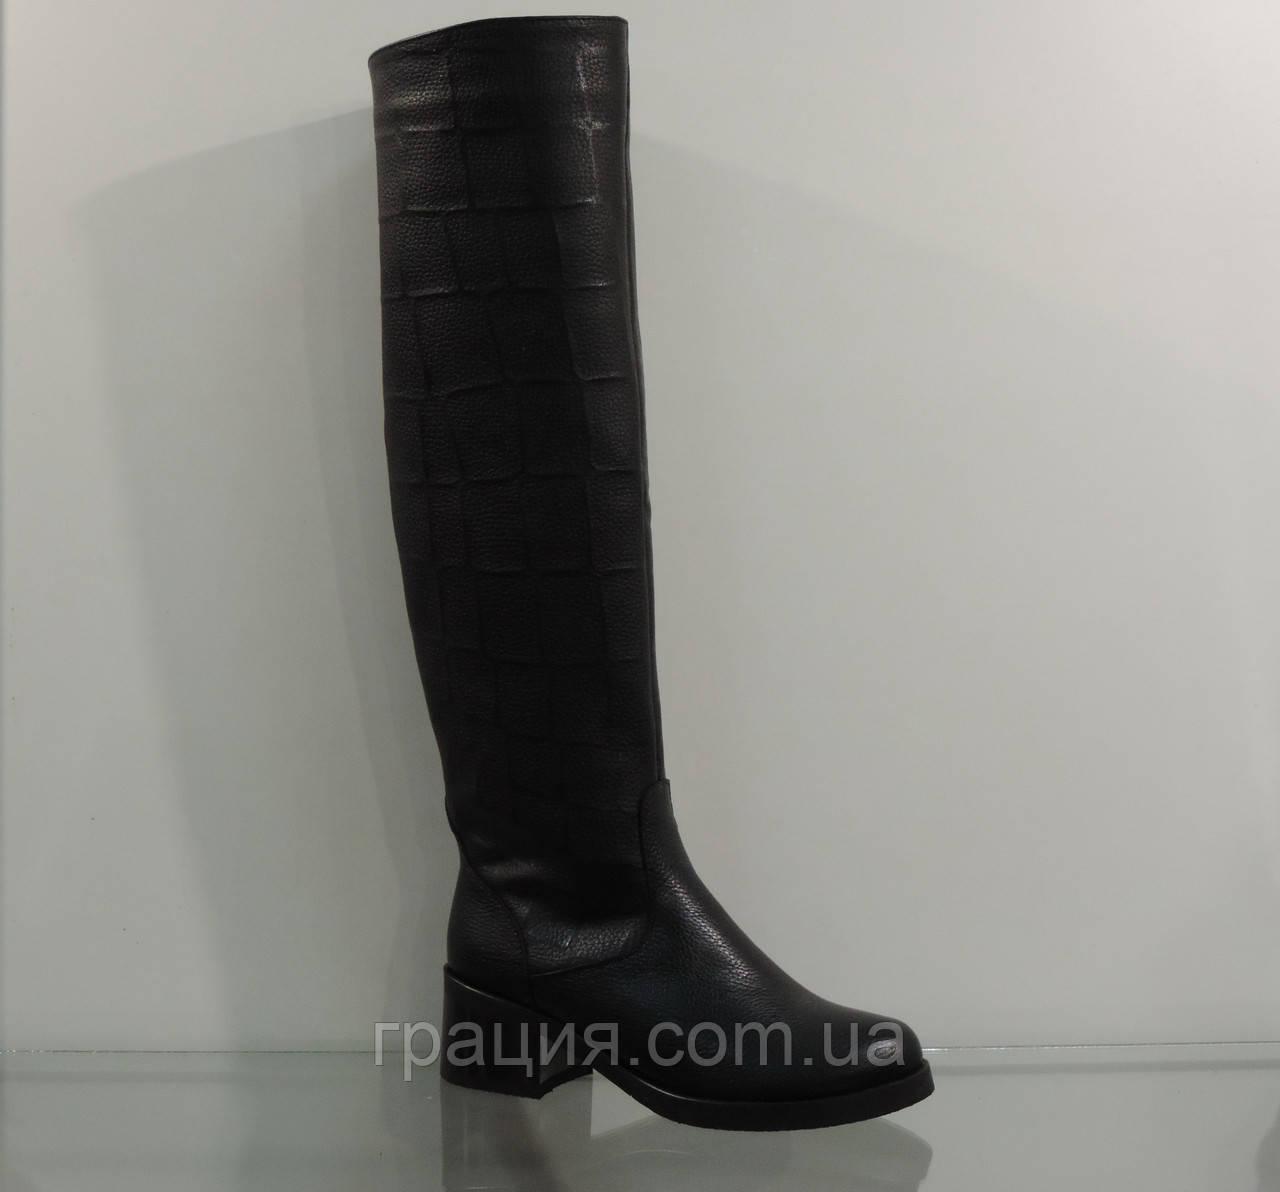 Модные женские высокие кожаные зимние сапоги